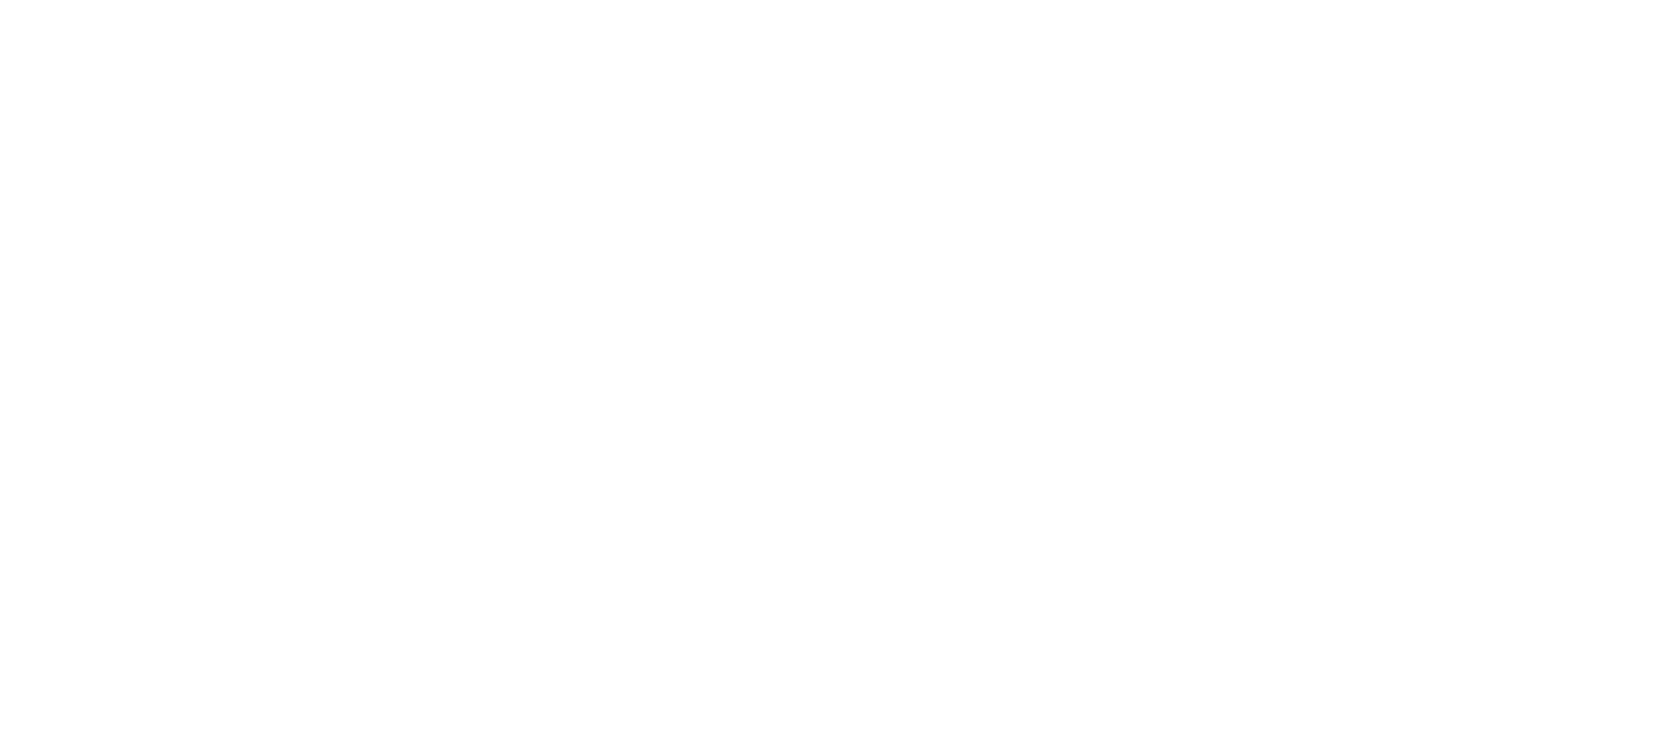 Взять в прокат Декор Другое Зонт «Нимфа 2»; Нижний Новгород ,  ул.; Описание: Кружевной, используется как элемент декора. Форма: Цилиндр Диаметр: 55 см Высота: 44 см